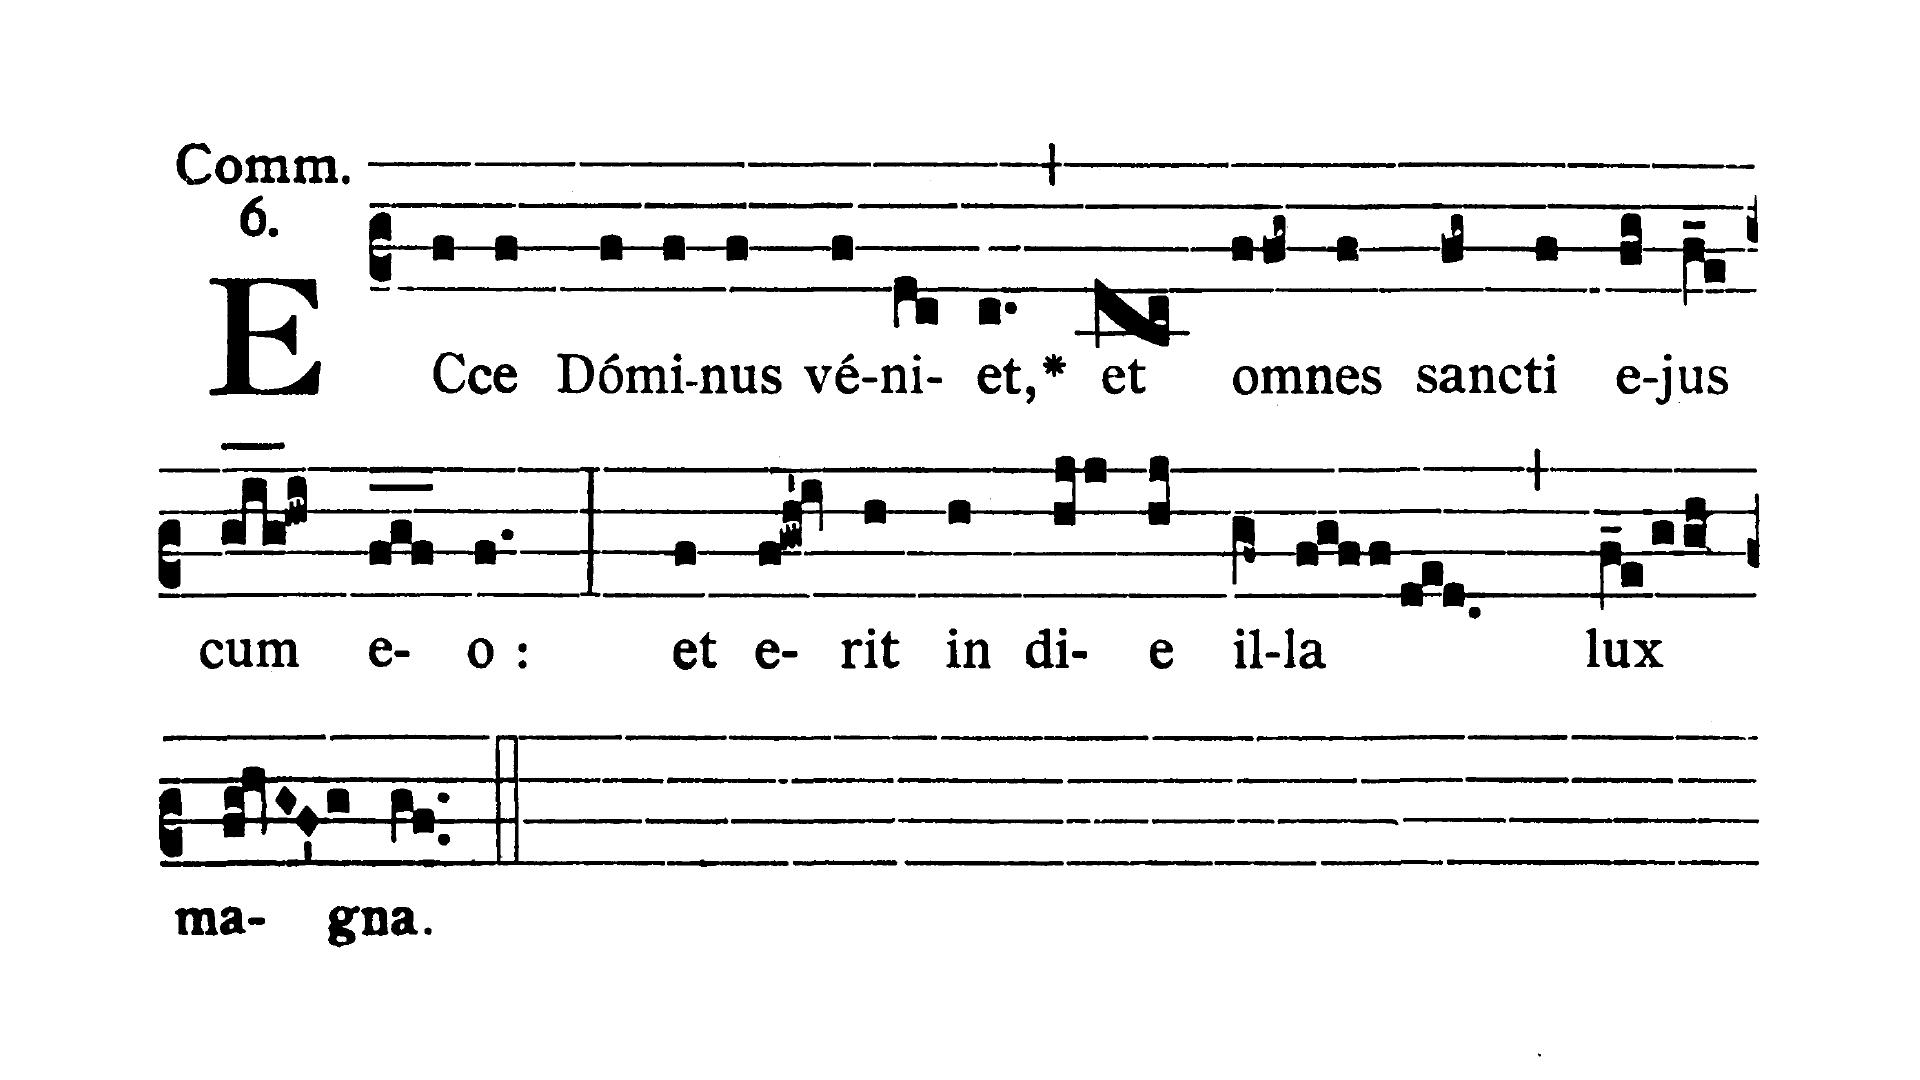 Feria VI Quatuor Temporum Adventus (Ember Friday of Advent) - Communio (Ecce Dominus veniet)